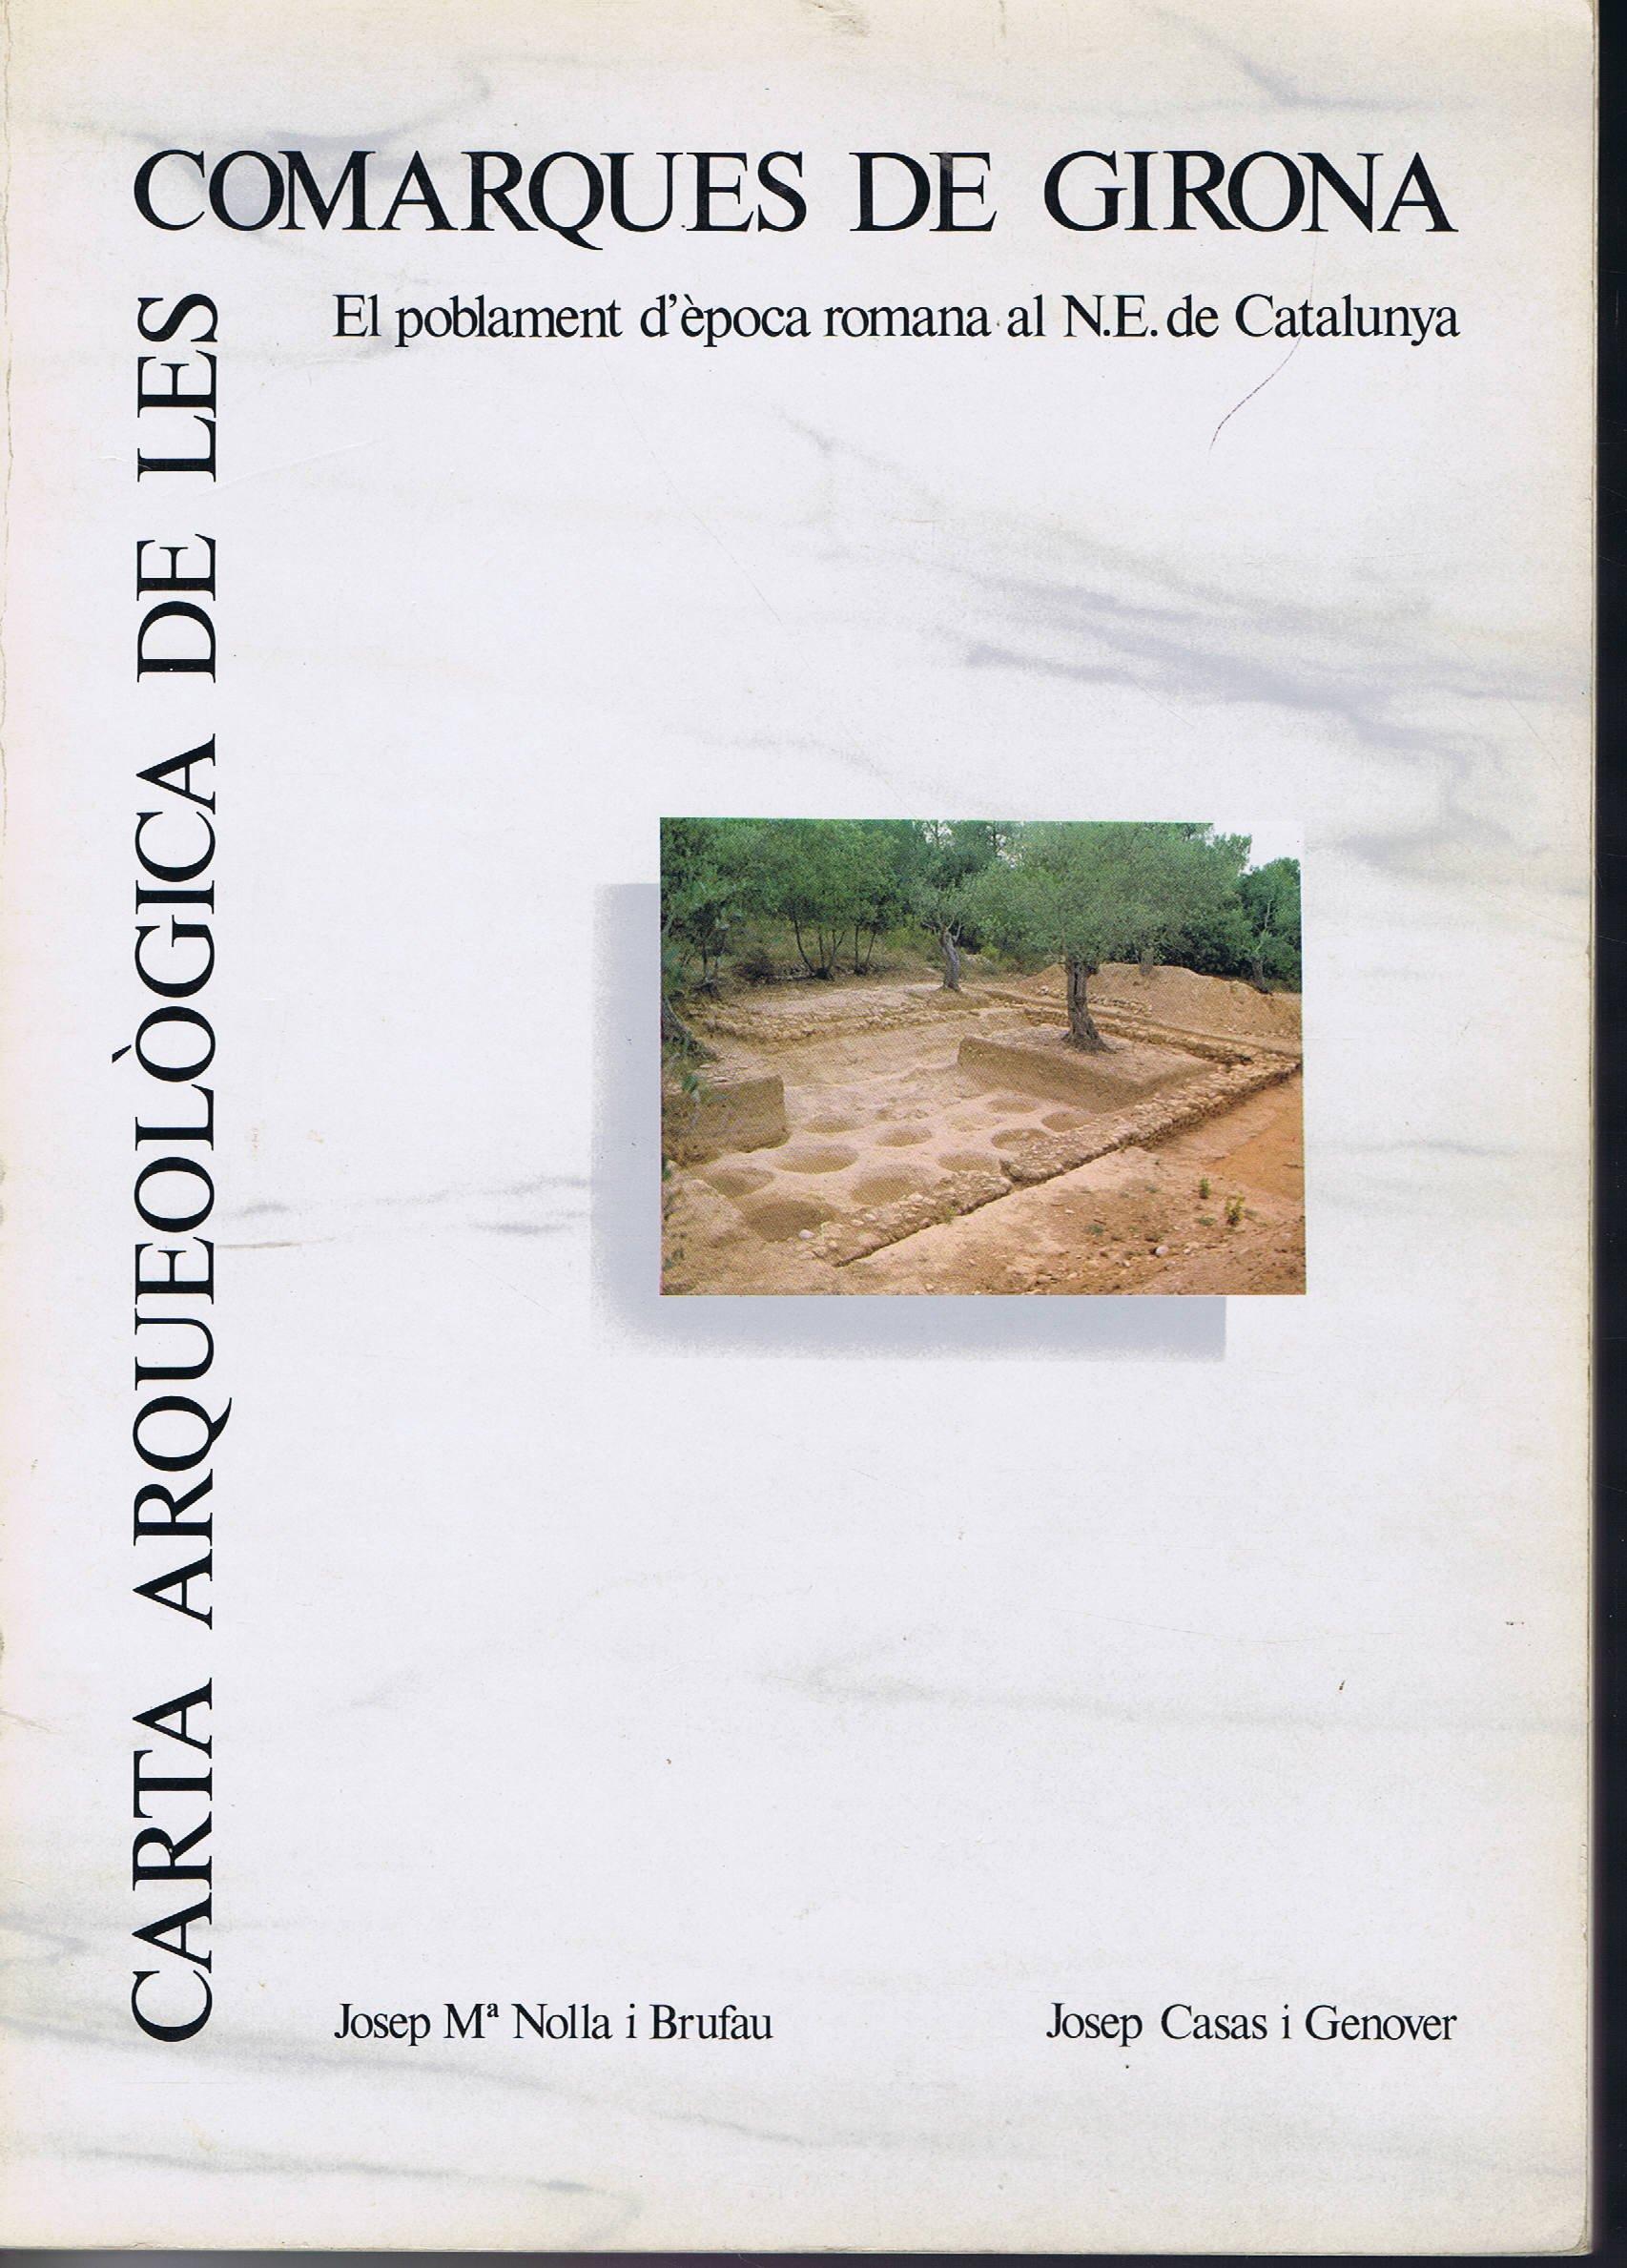 Carta Arqueologica De Les Comarques De Girona El Poblament D Epoca